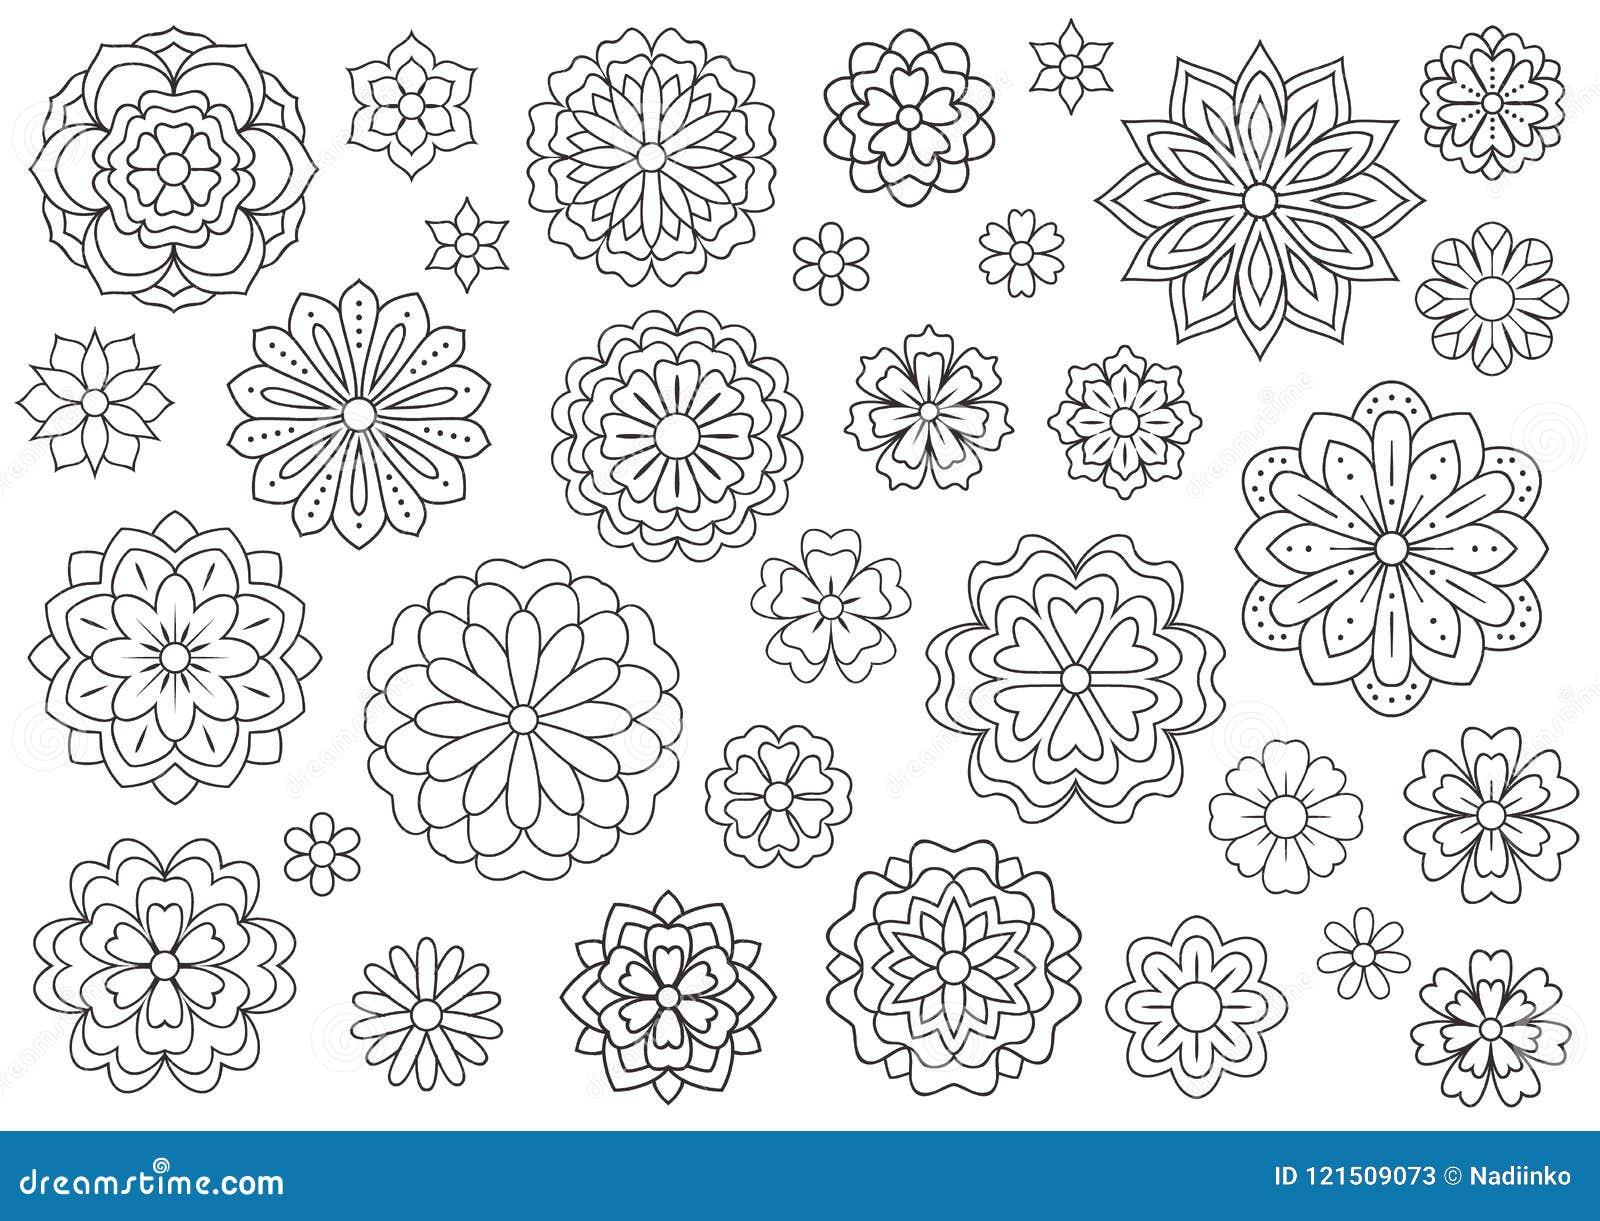 Coloriage Fleur Zen.Coloriage Adulte Fleurs